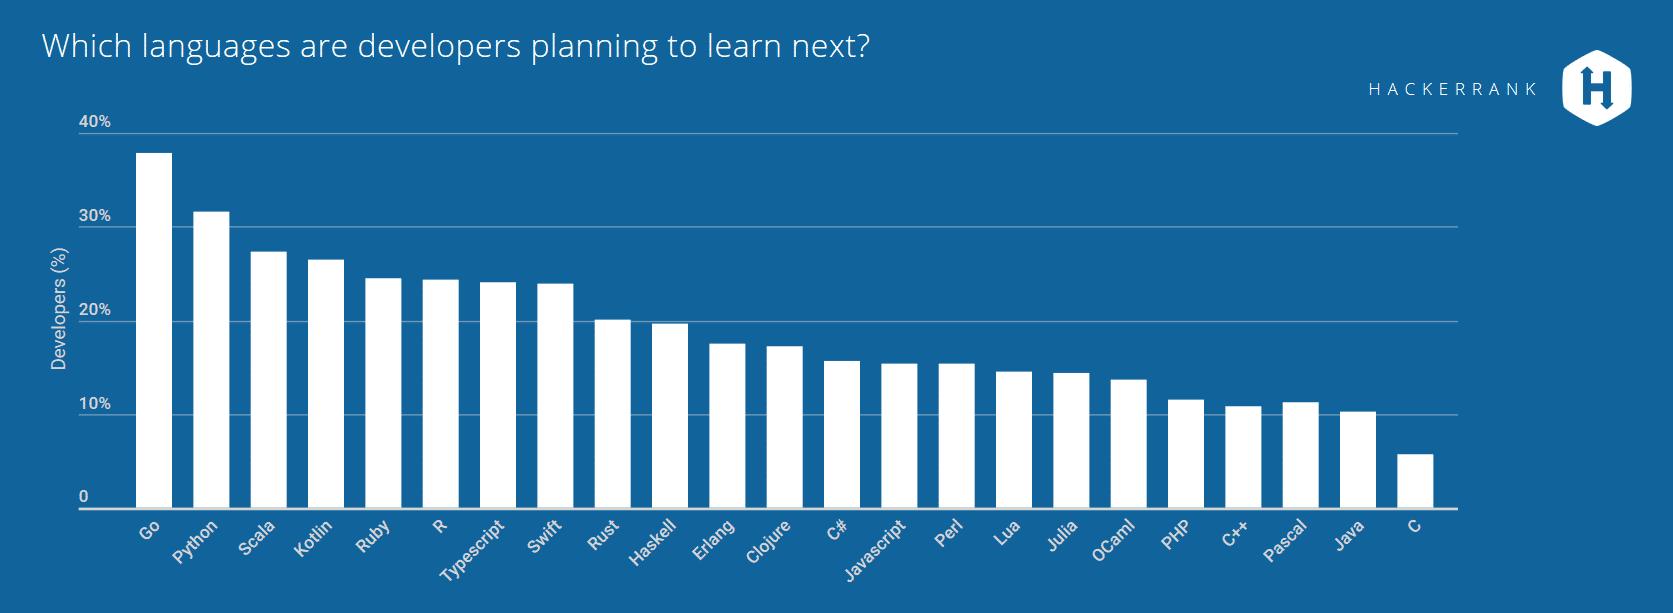 Alle wollen Googles Sprache Go lernen -- dicht gefolgt von Python. (Bild: (Bild: HackerRank.com)